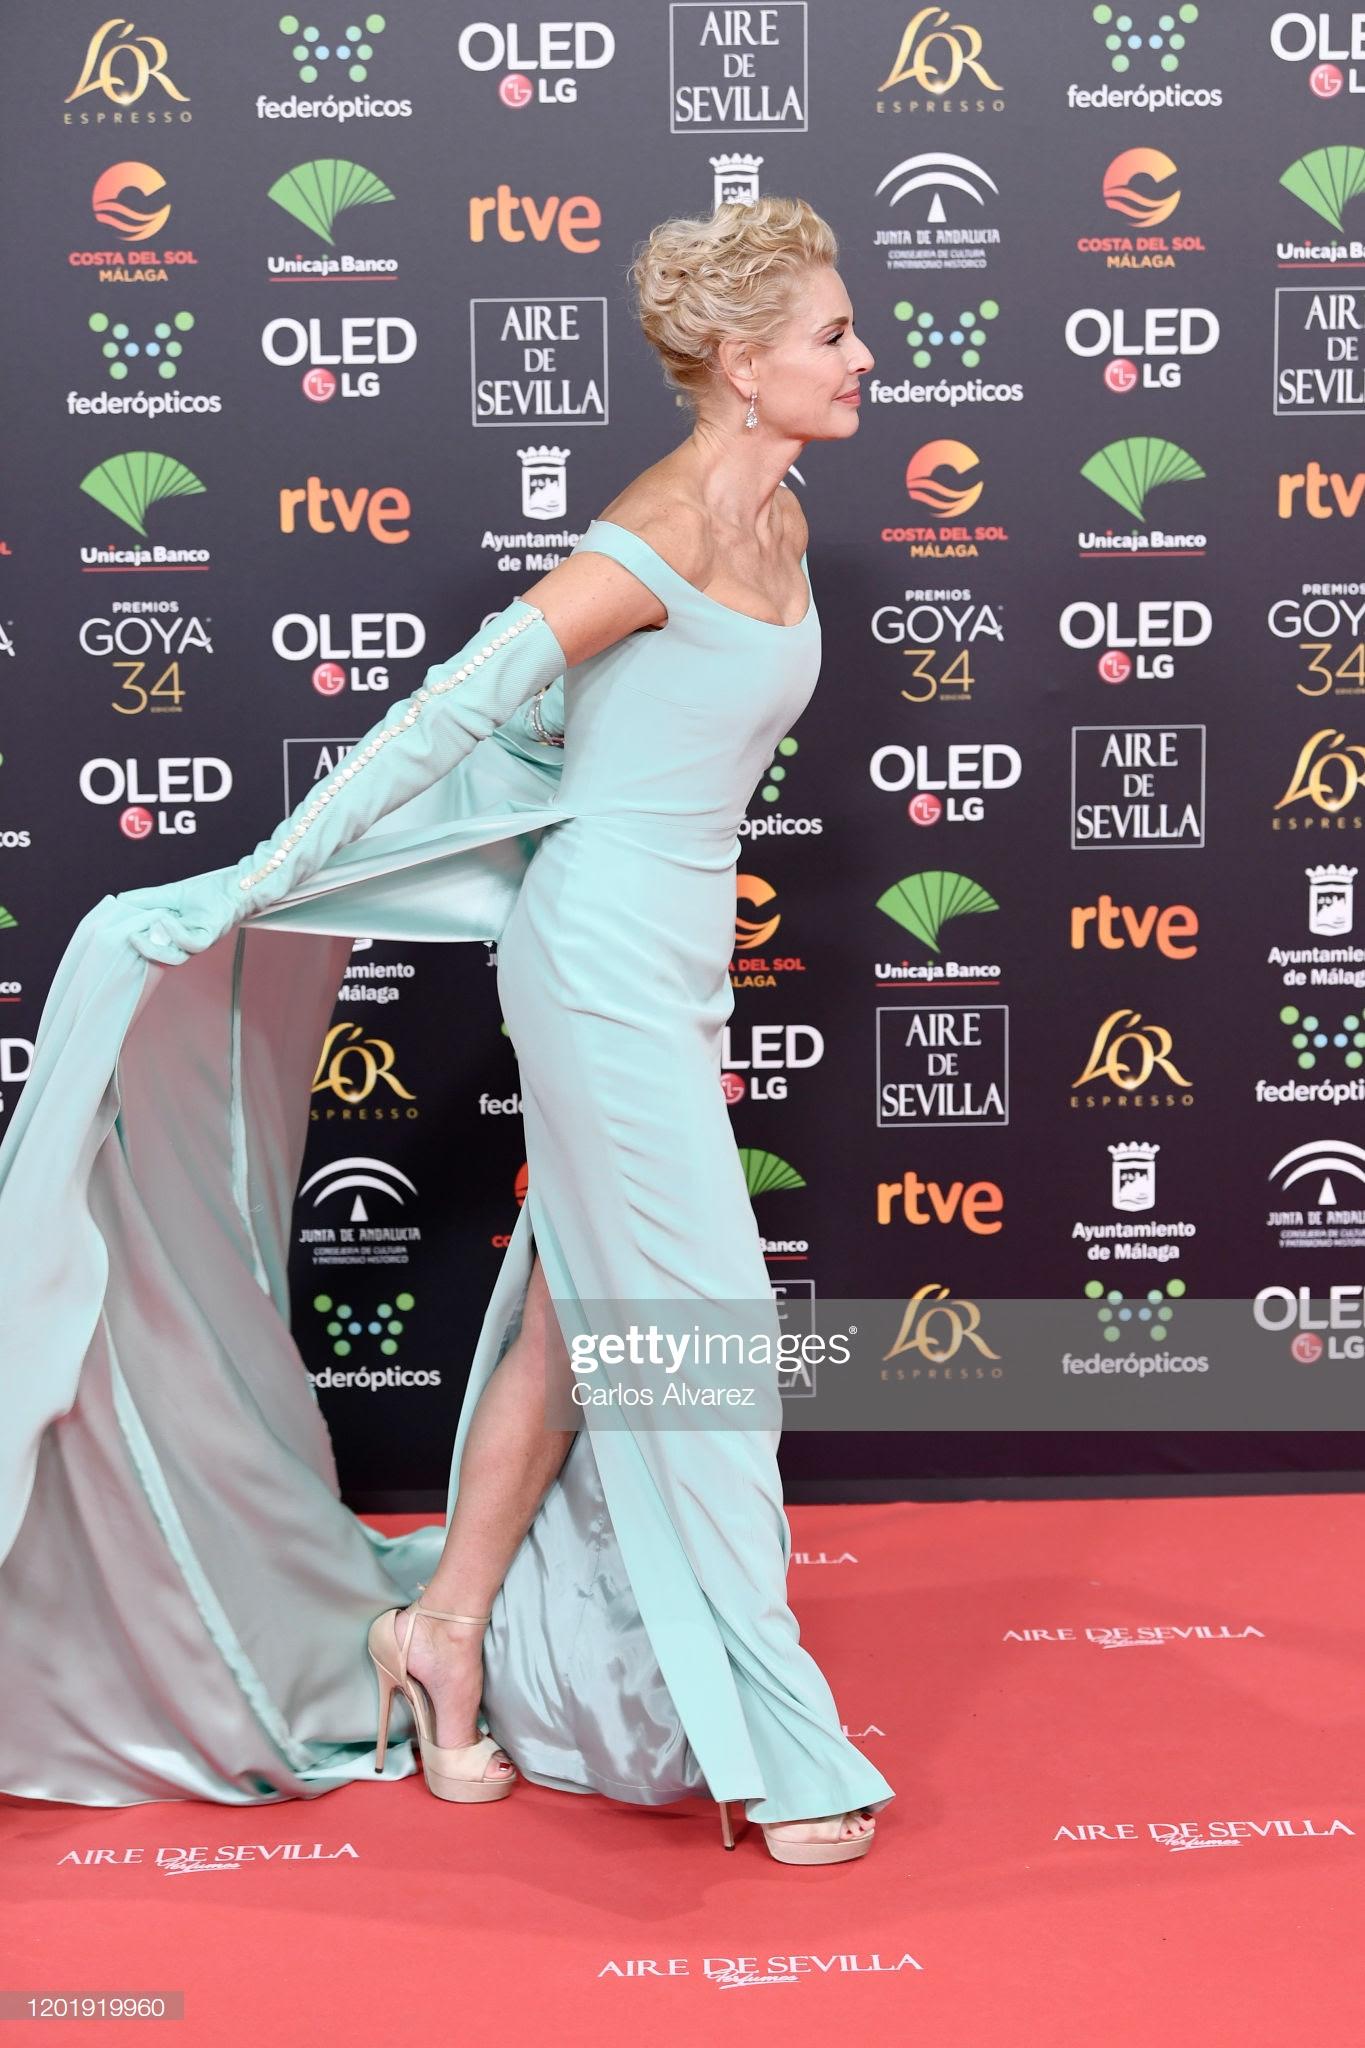 0fca1343 3c32 411a bf94 33131e08f81a - Premios Goya 2020 : Looks de todas las celebrities que lucieron  marcas de Replica